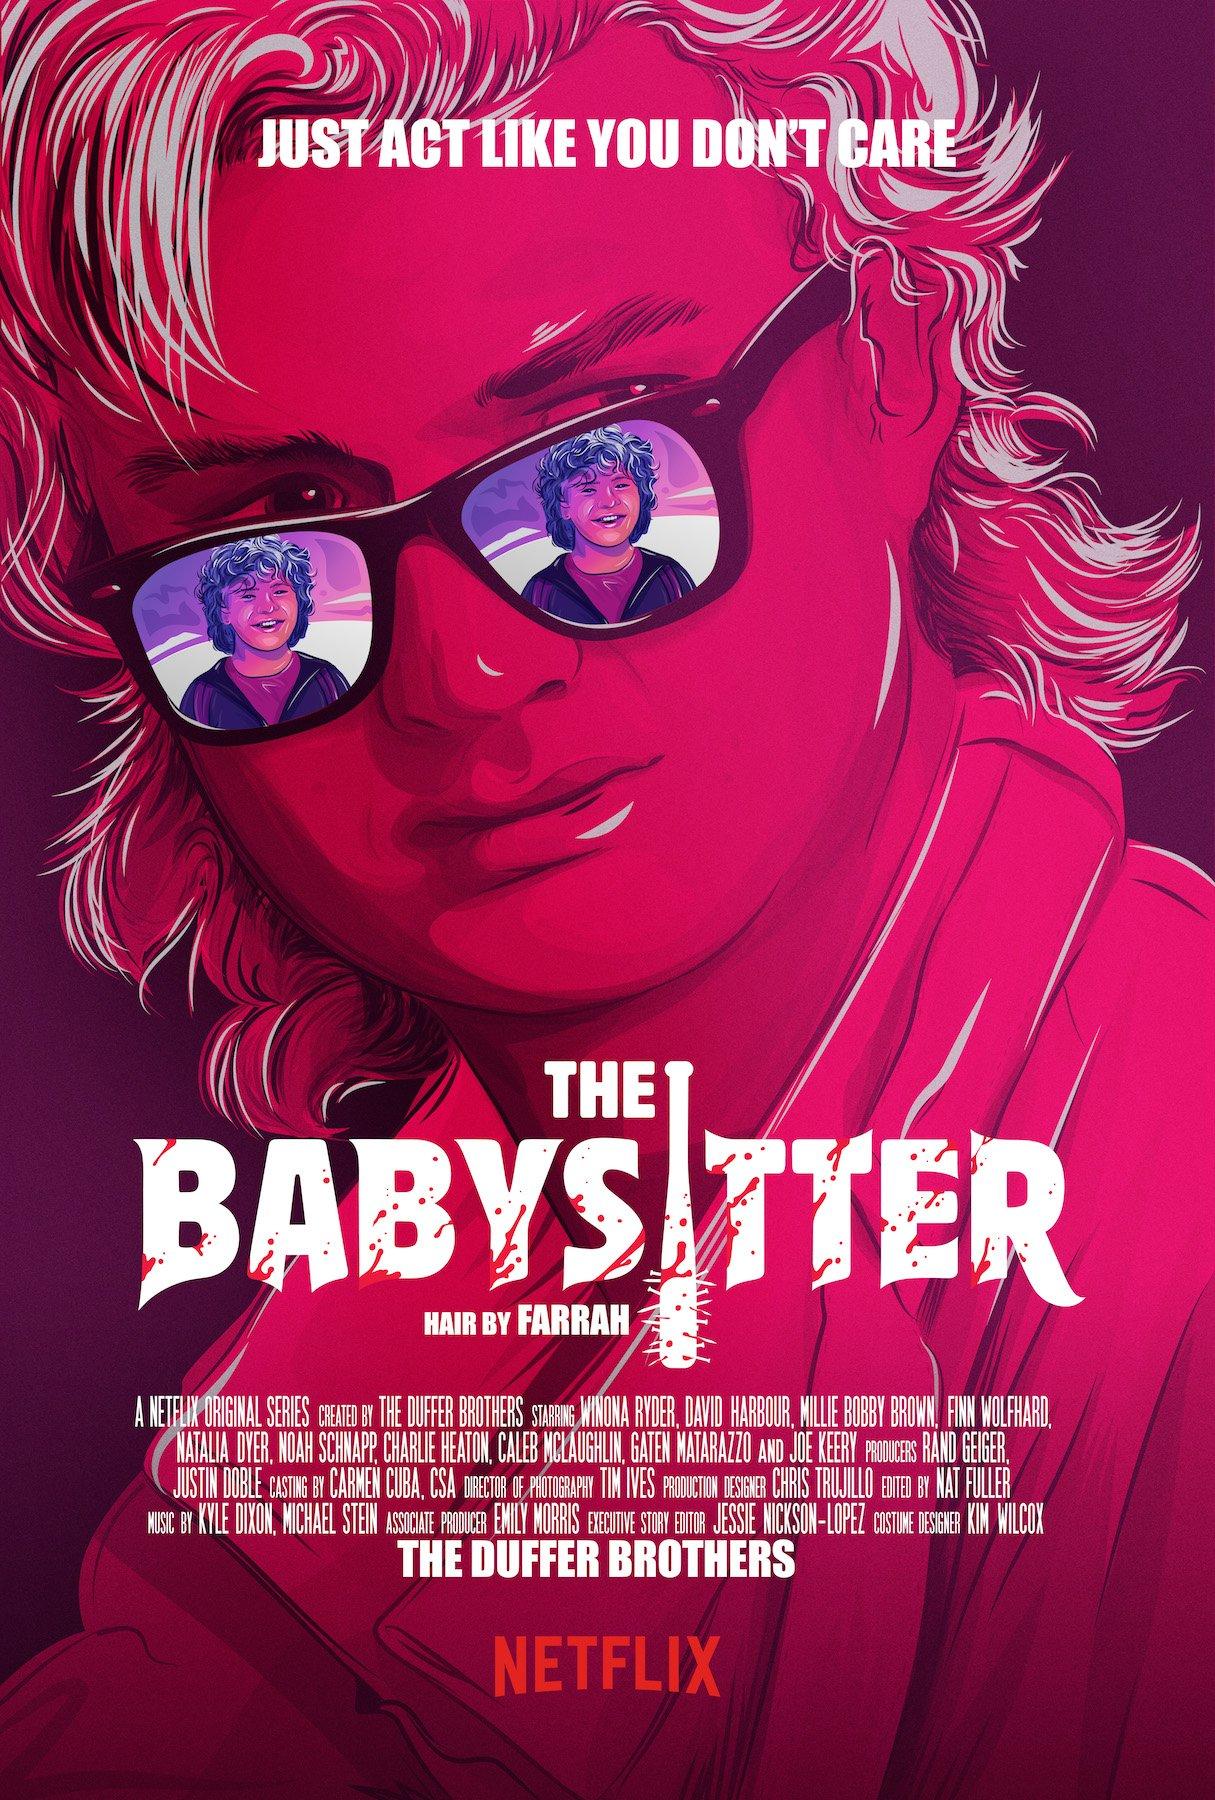 Babysitter Steve is the best Steve https://t.co/hAyN8kYsuZ